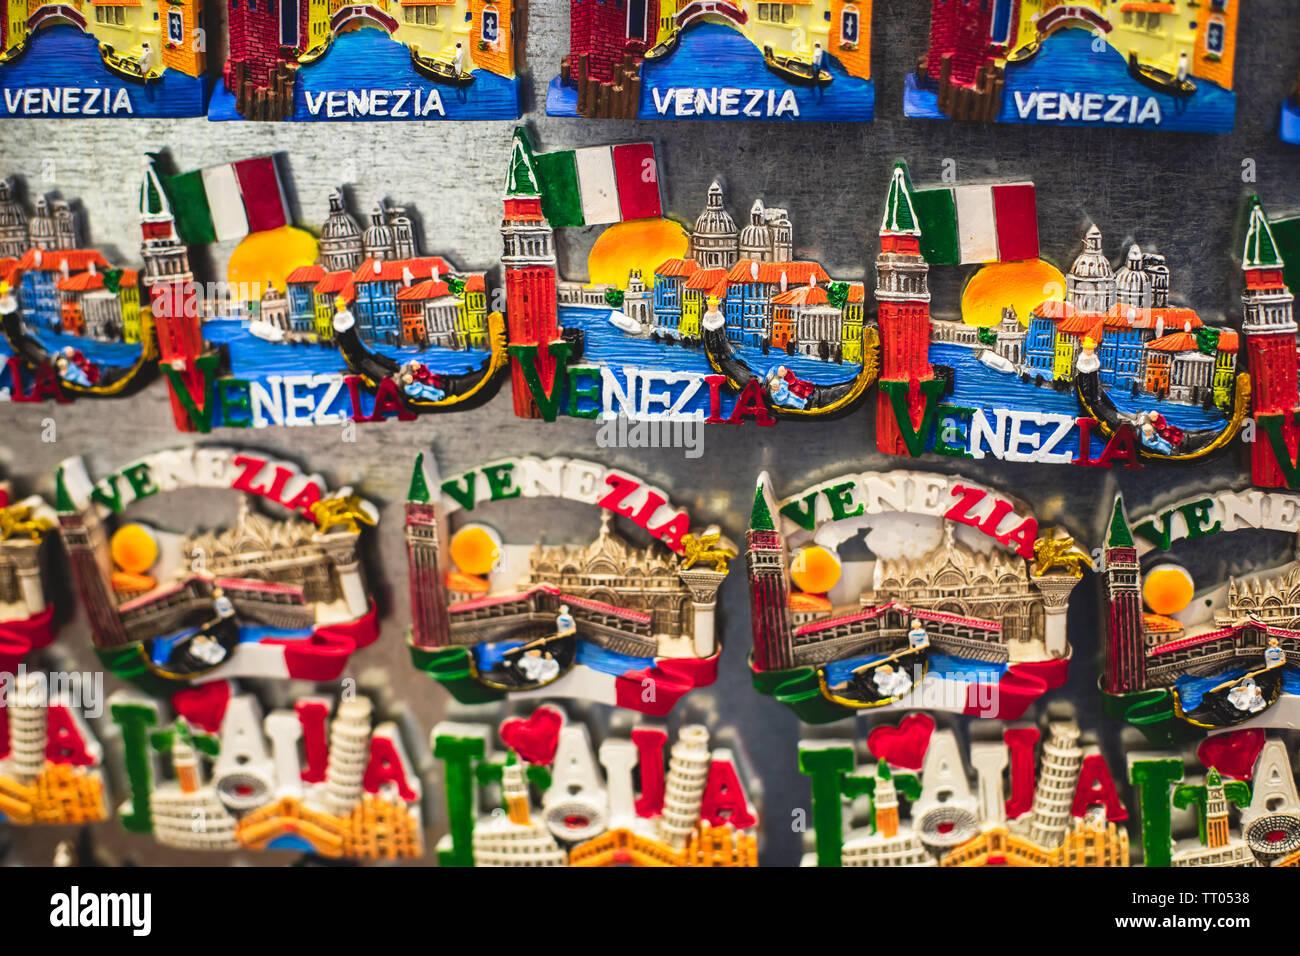 """Vista del turista tradizionale souvenir e regali da Venezia, Italia e con giocattoli, masquerade maschere veneziane, magneti per il frigo con il testo """"Venezia"""" e chiave Immagini Stock"""